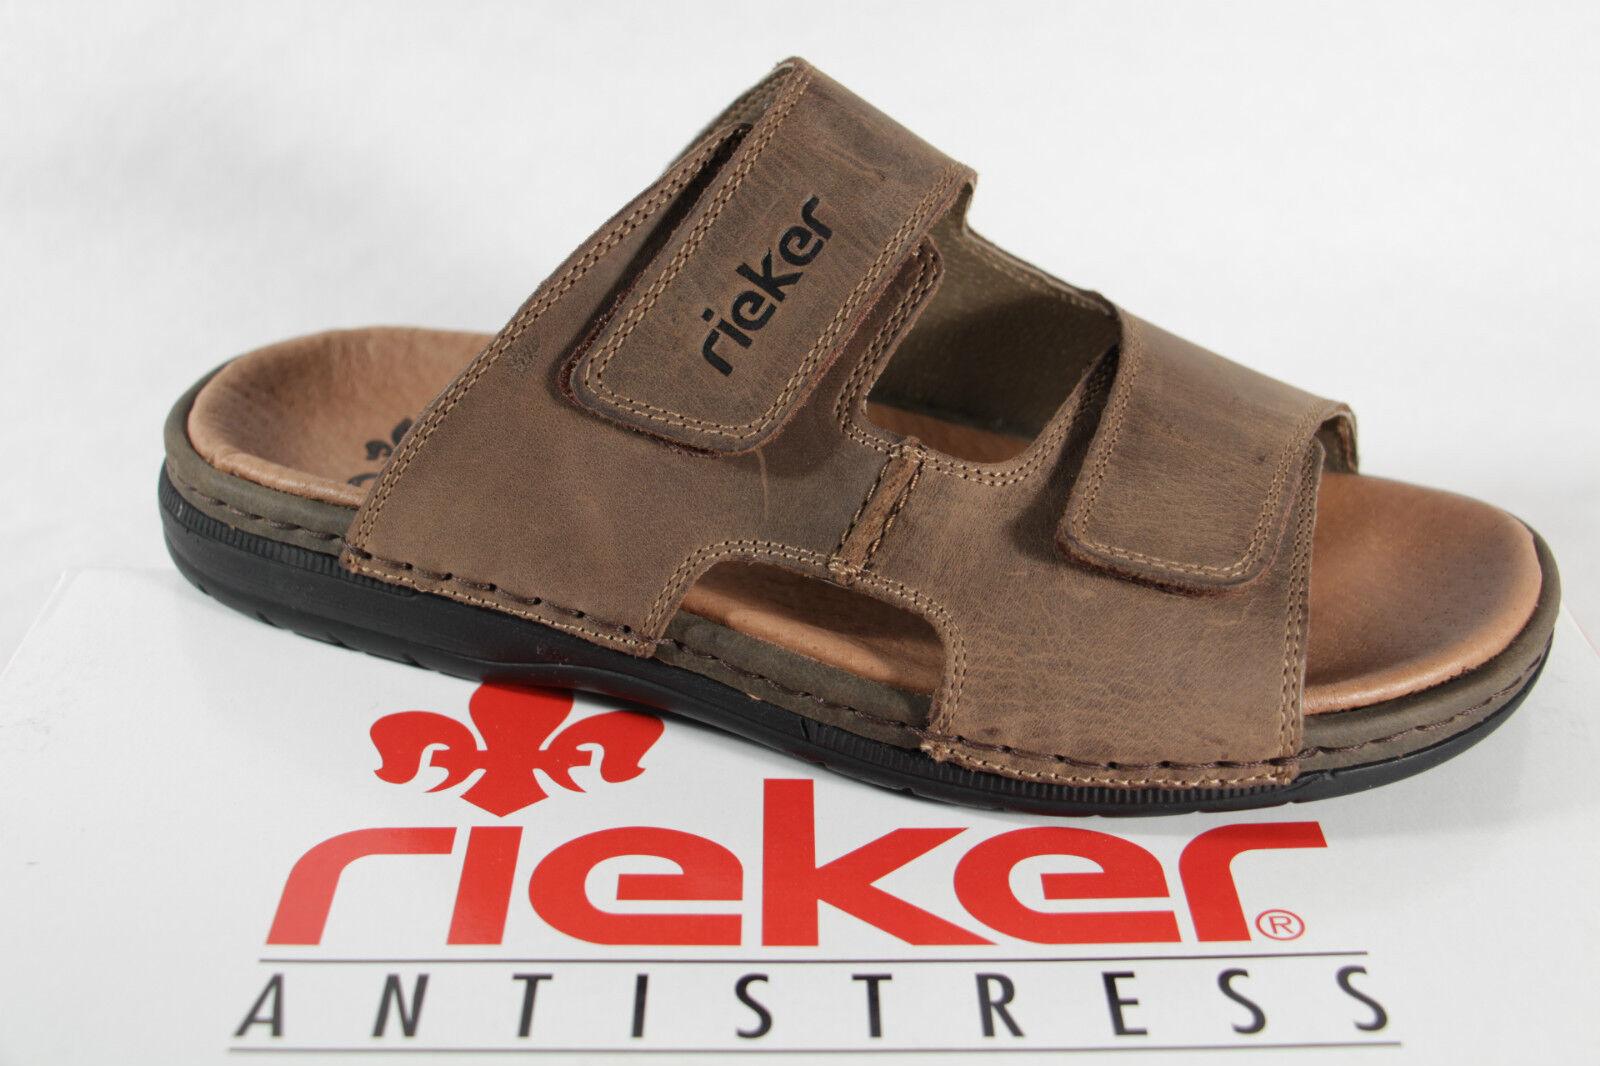 Rieker Pantoletten Pantolette Hausschuhe braun Leder  25592  NEU  | Verschiedene Arten Und Die Styles